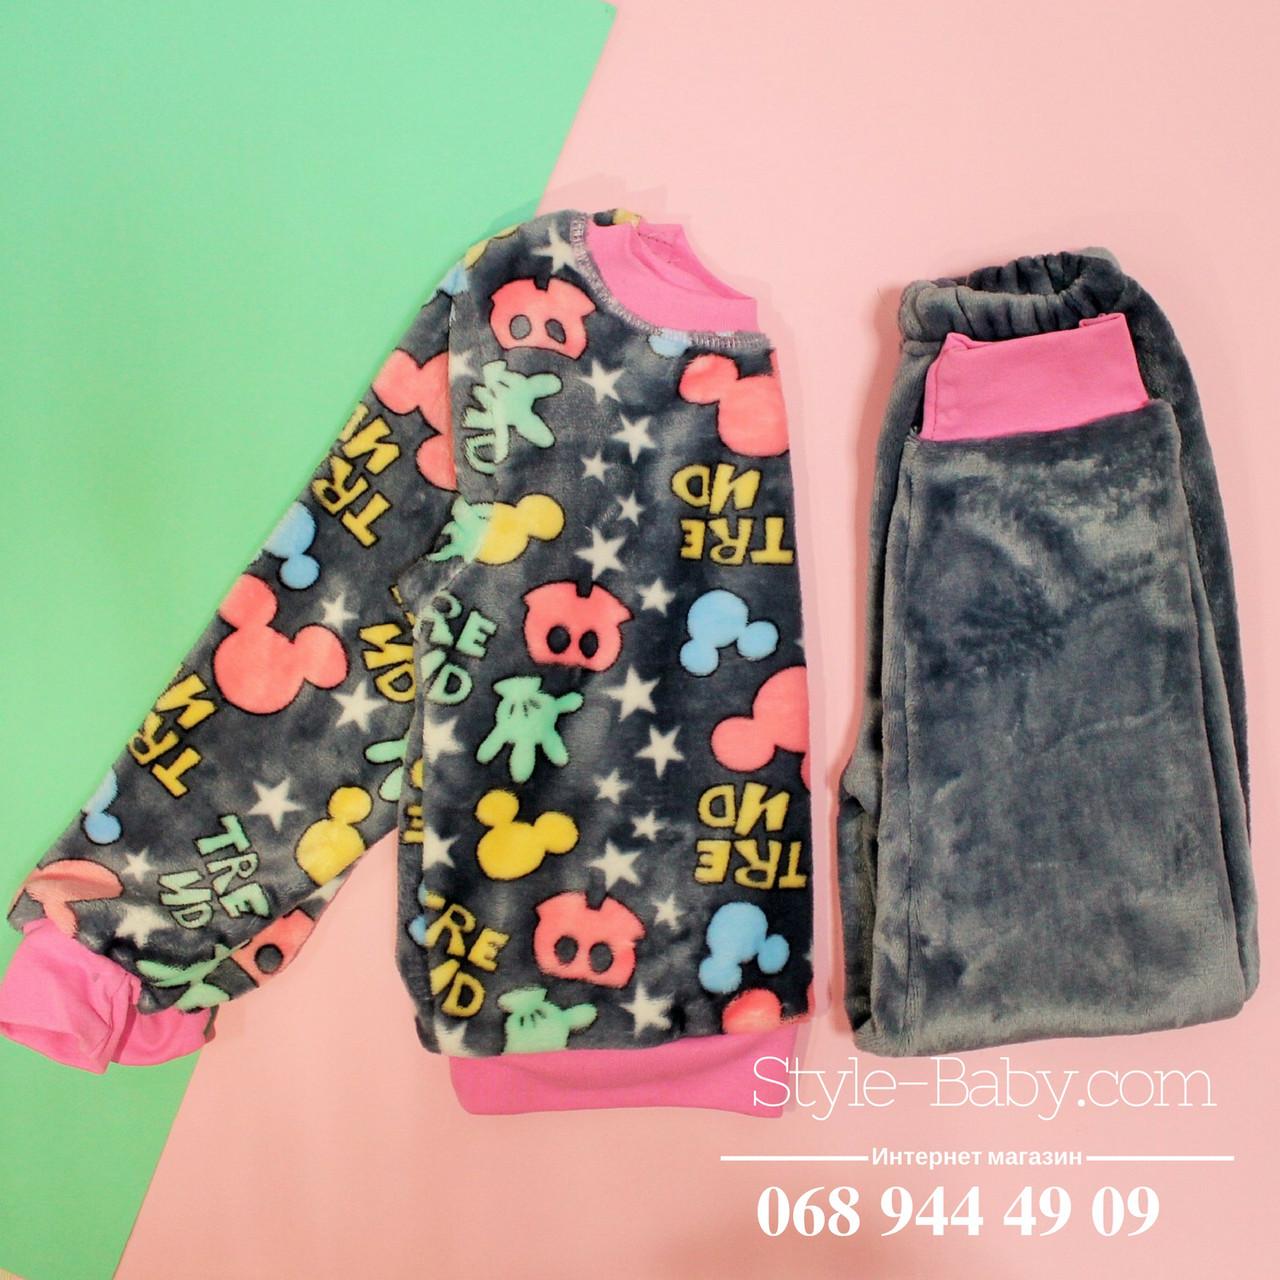 Детская теплая пижама для девочки вельсофт р.30,32,34 - Style-Baby детский магазин в Киеве